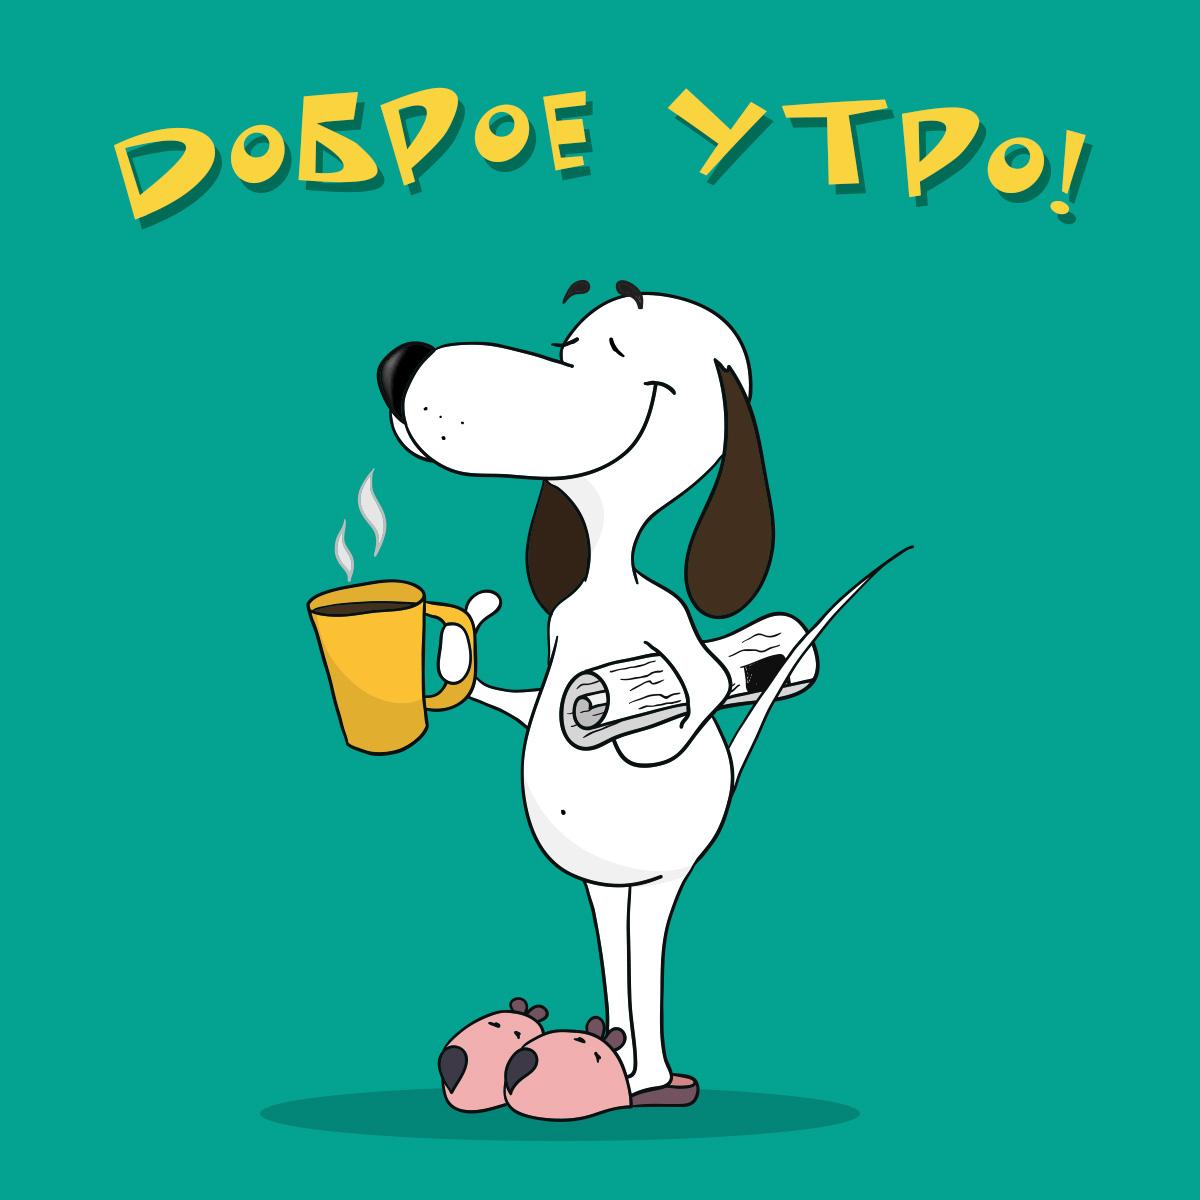 Зелёная картинка с надписью доброе утро и собачкой в тапочках.